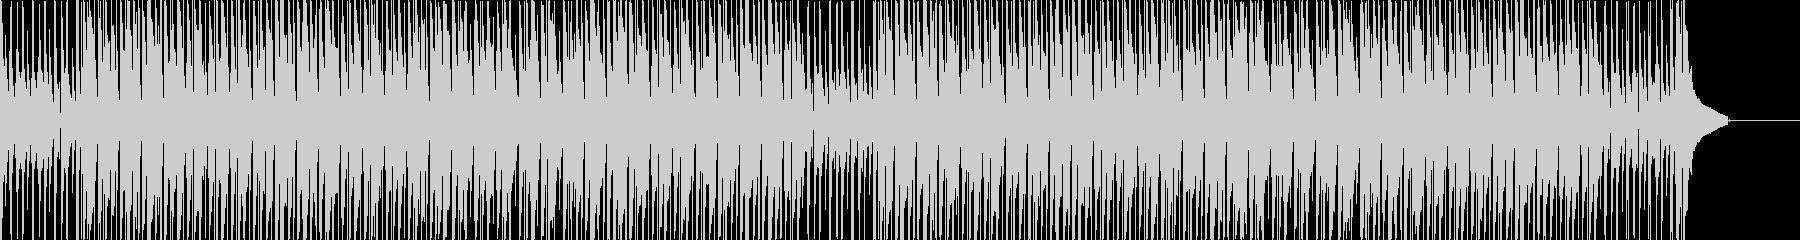 ウクレレとグロッケンの軽快で前向きな曲の未再生の波形